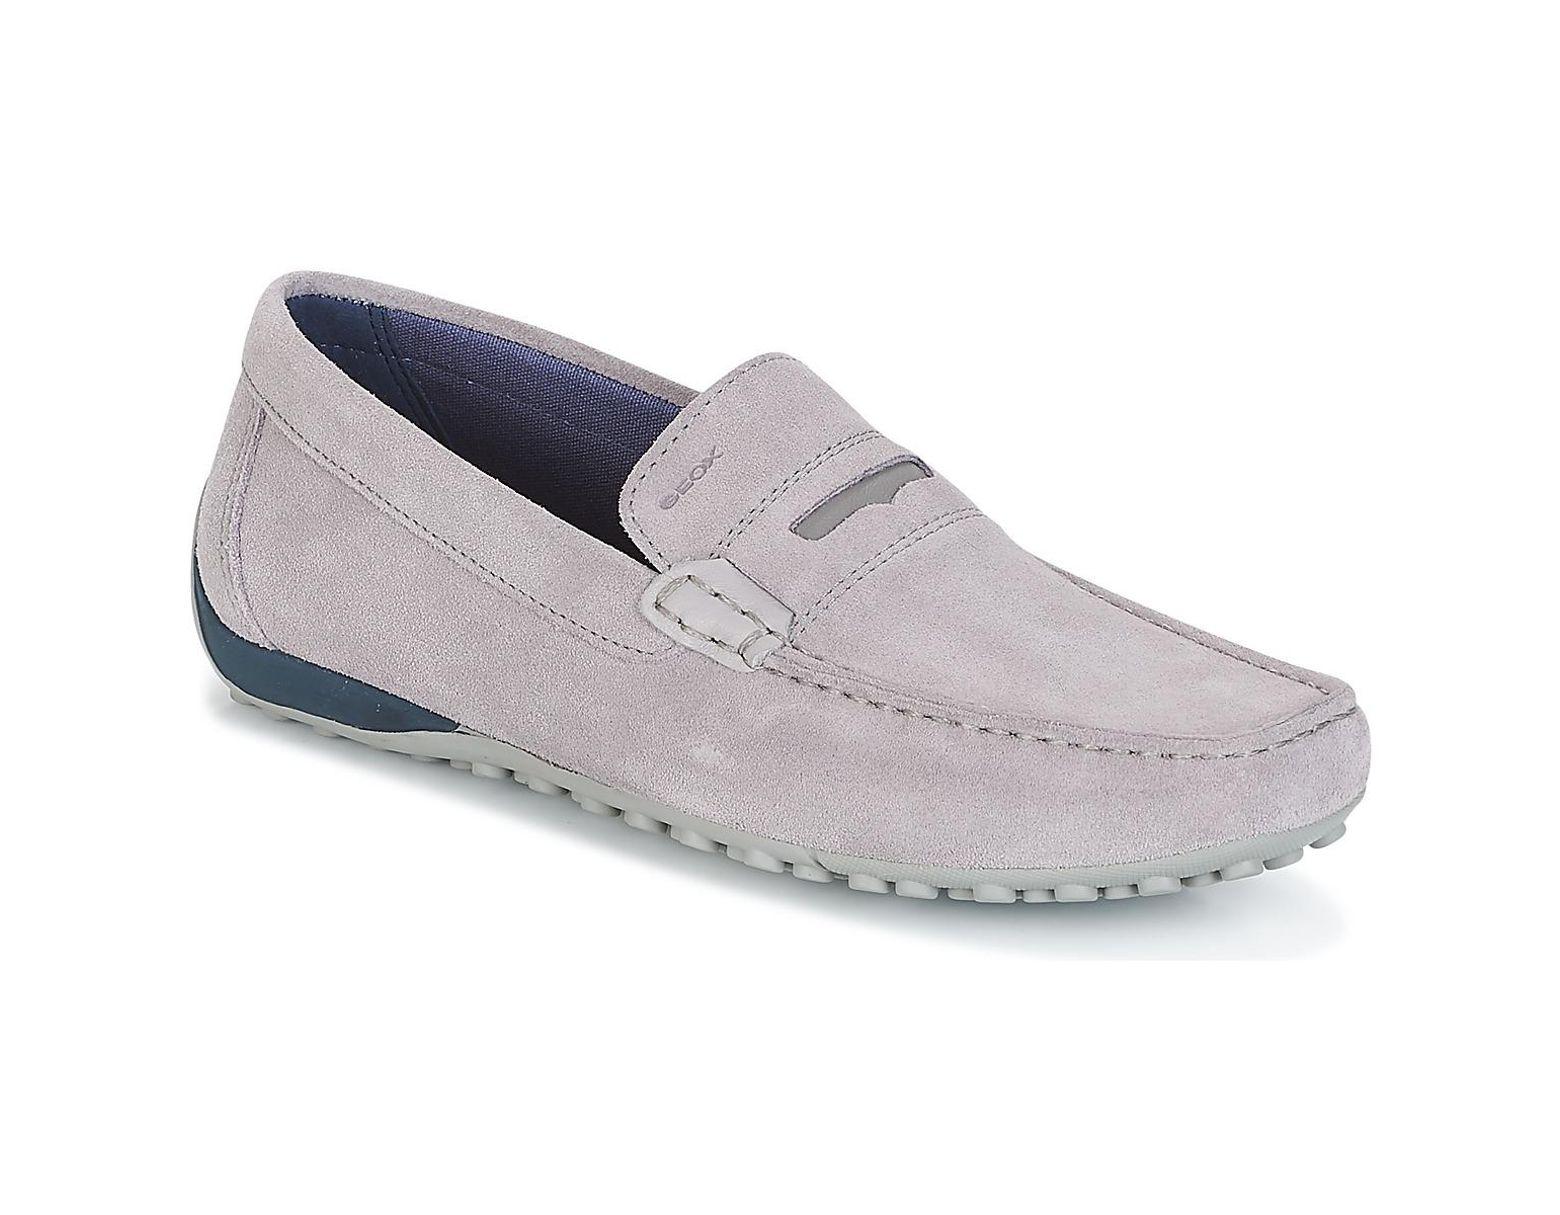 chaussures geox pour conduite automobile